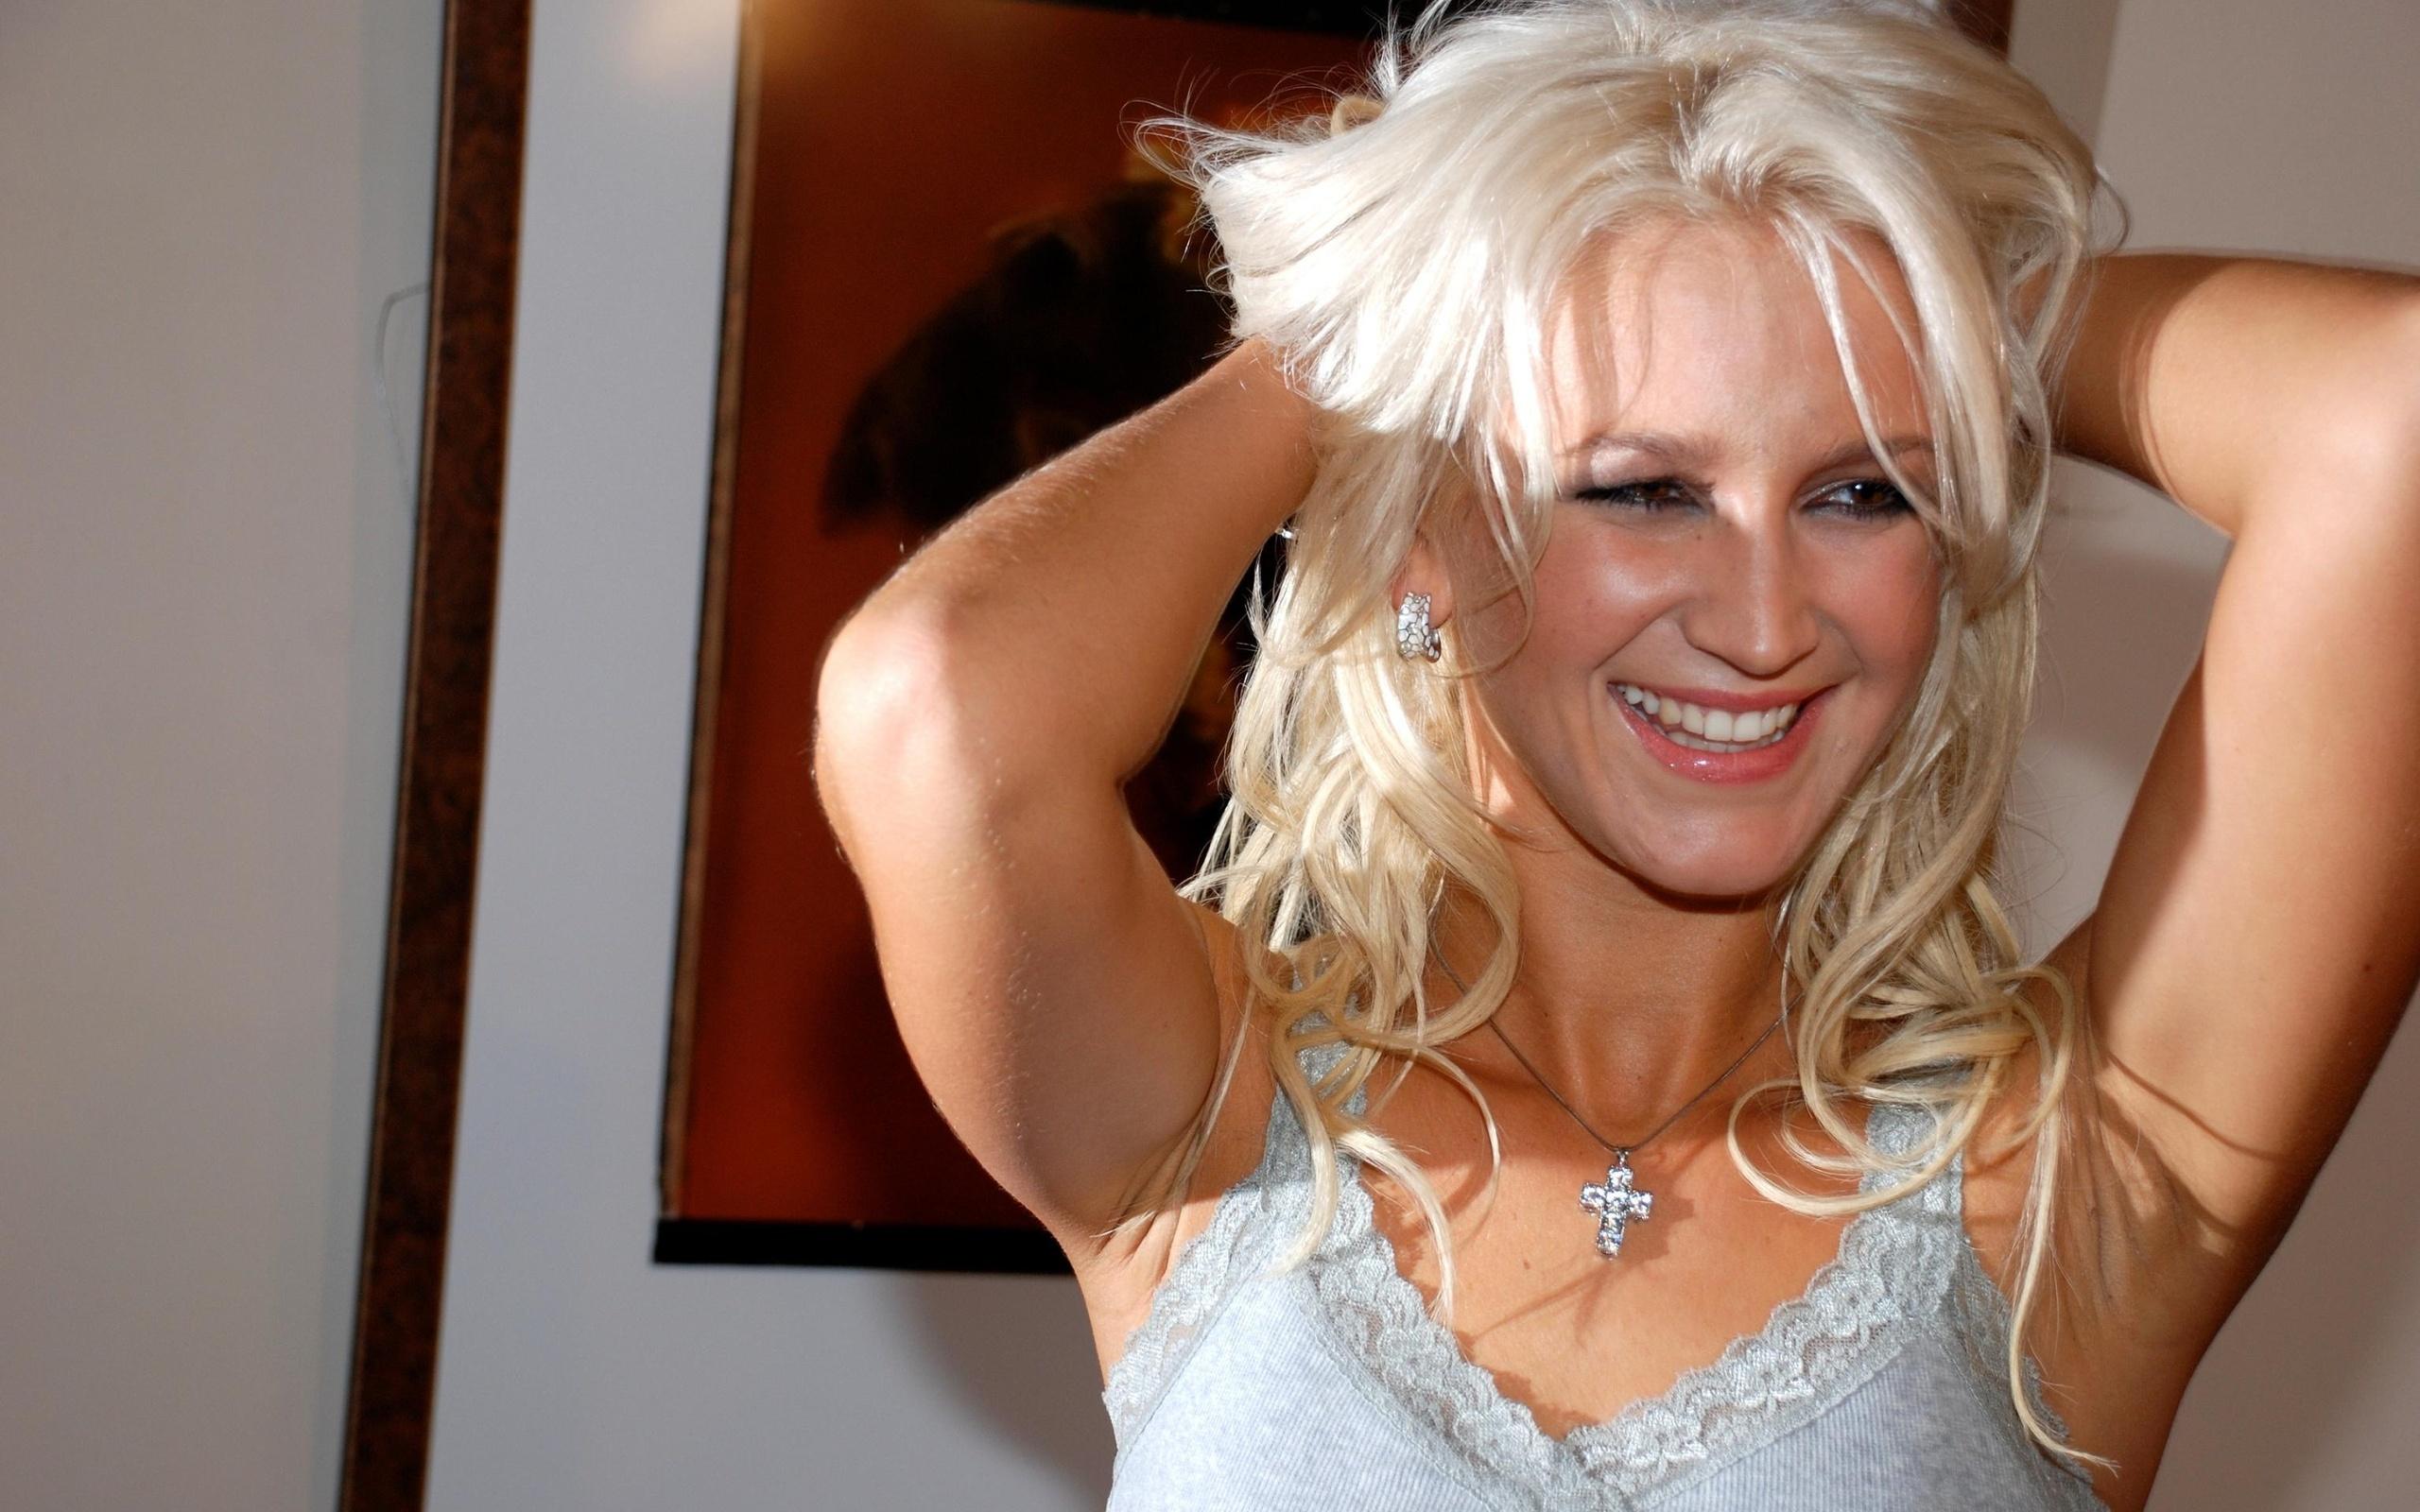 Реалити шоу с блондинкой за деньги 24 фотография